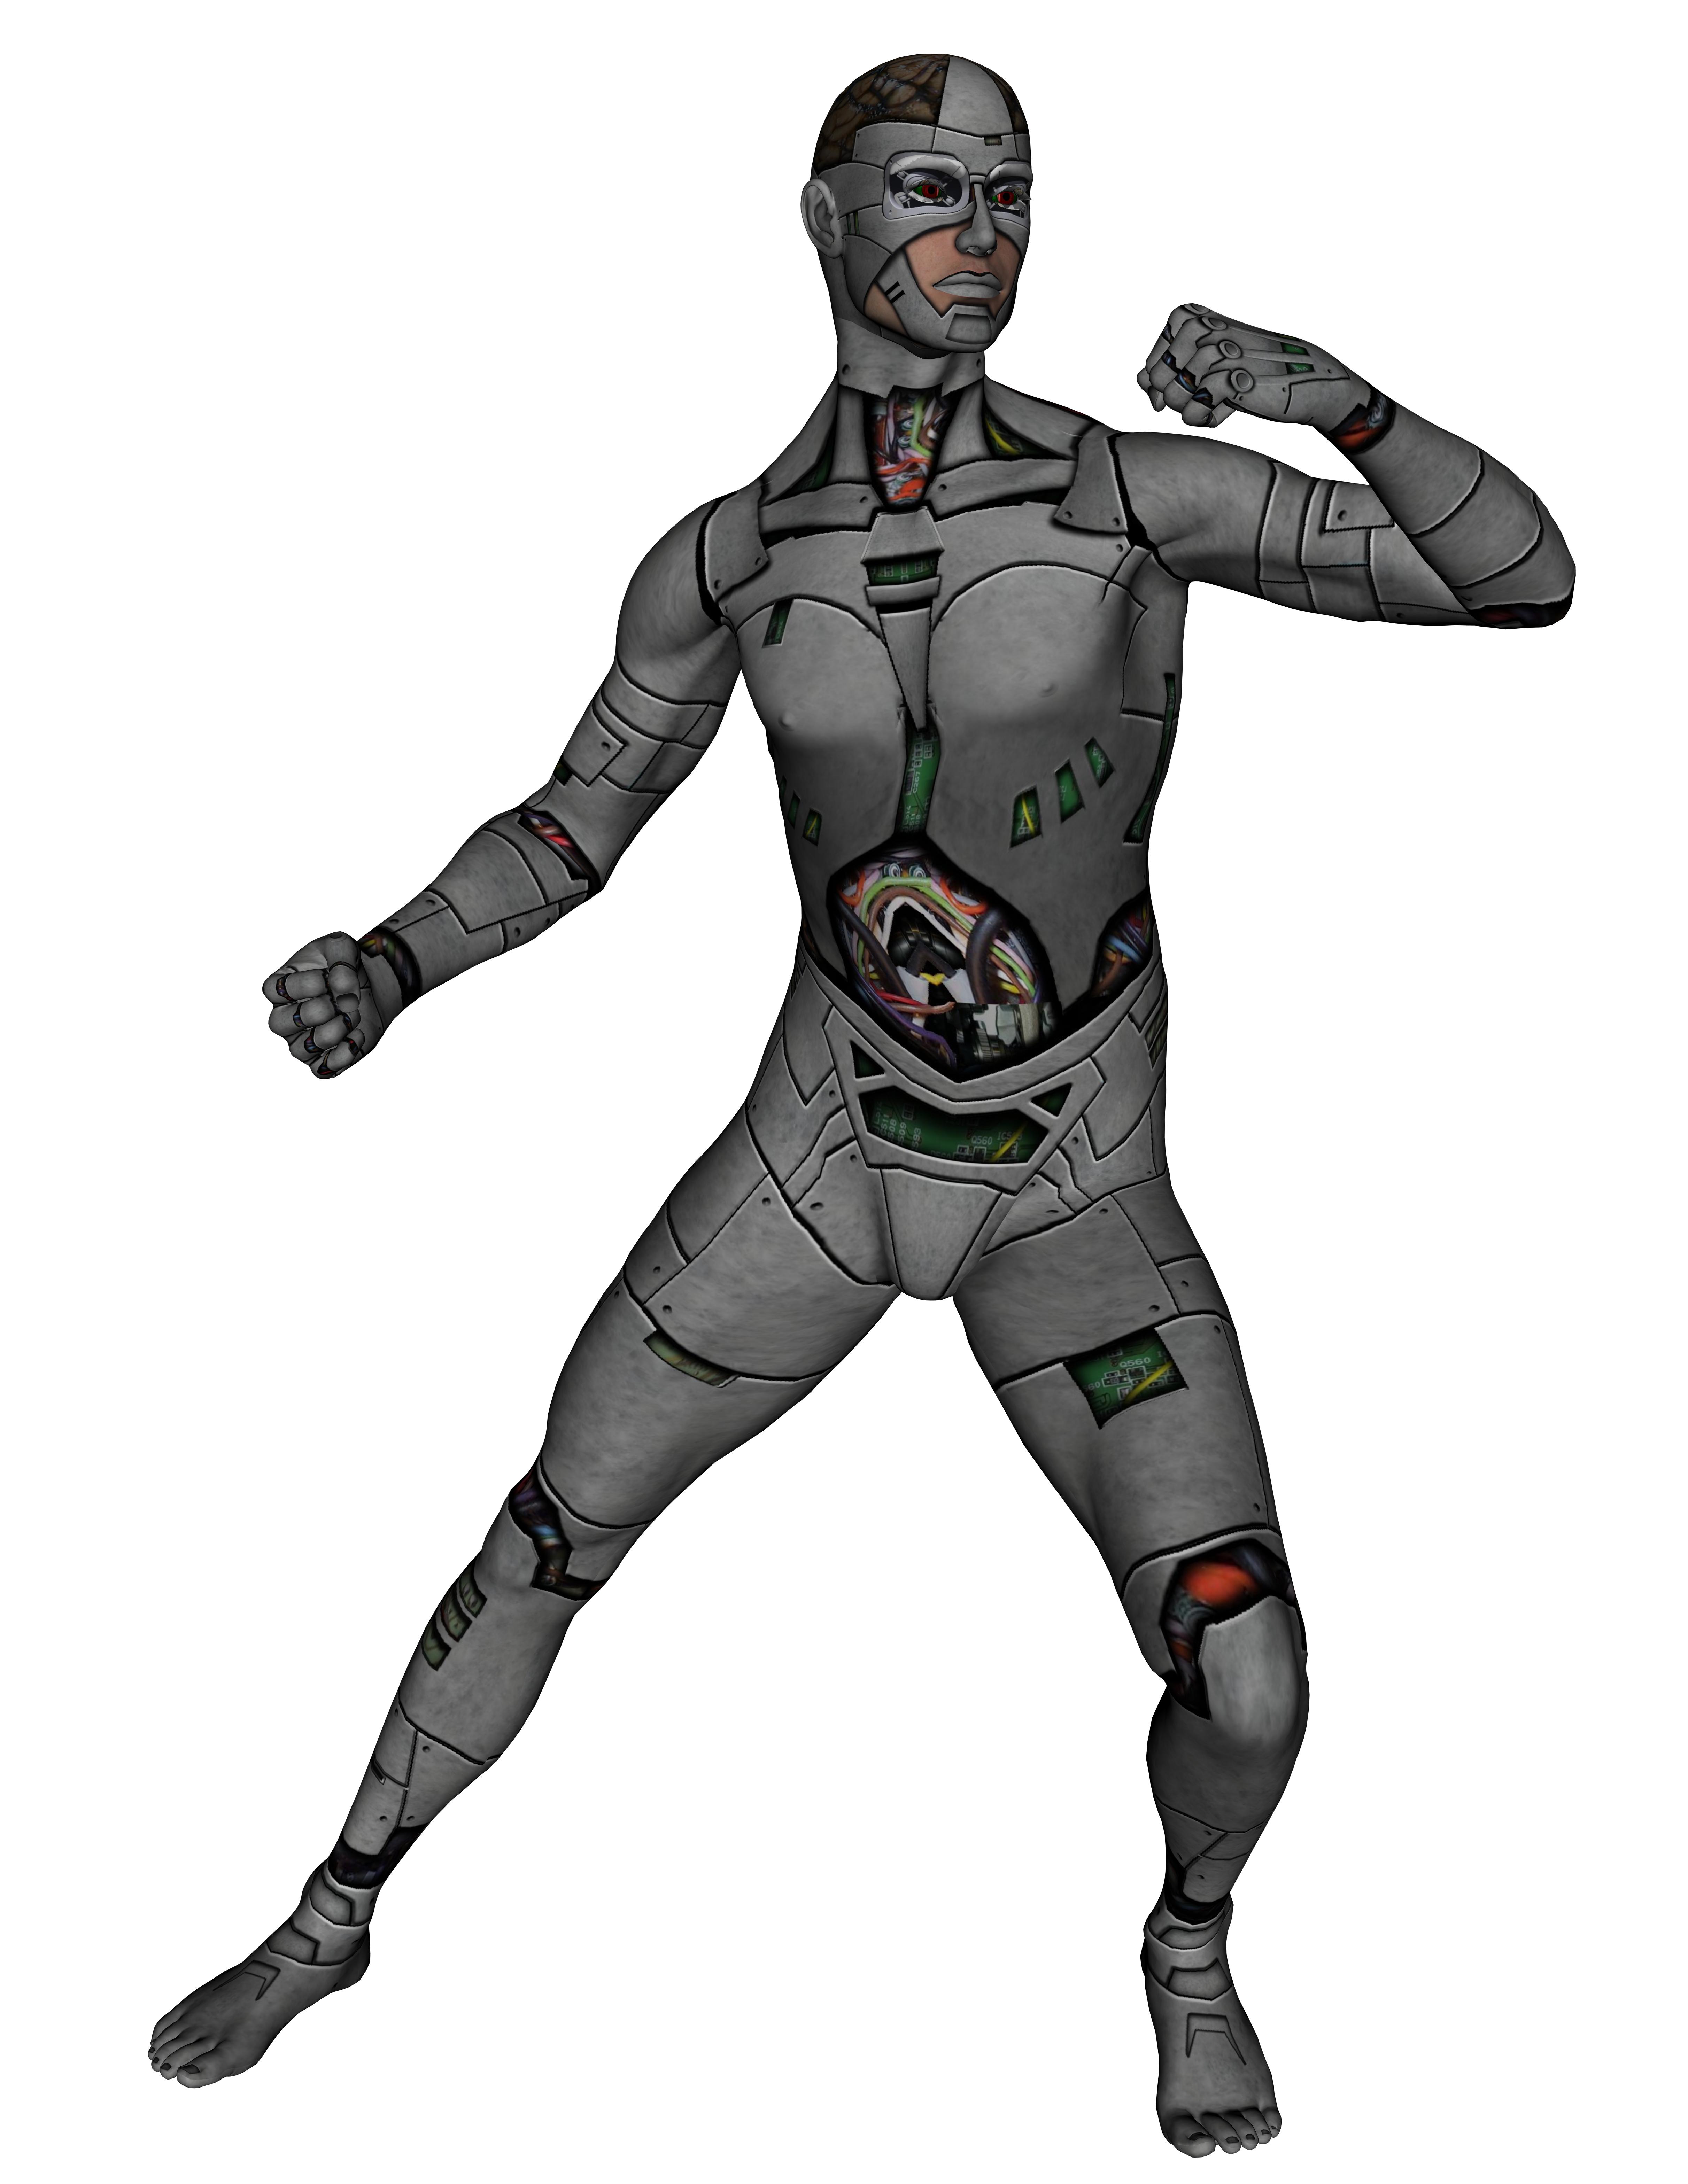 Robot, no image selected png